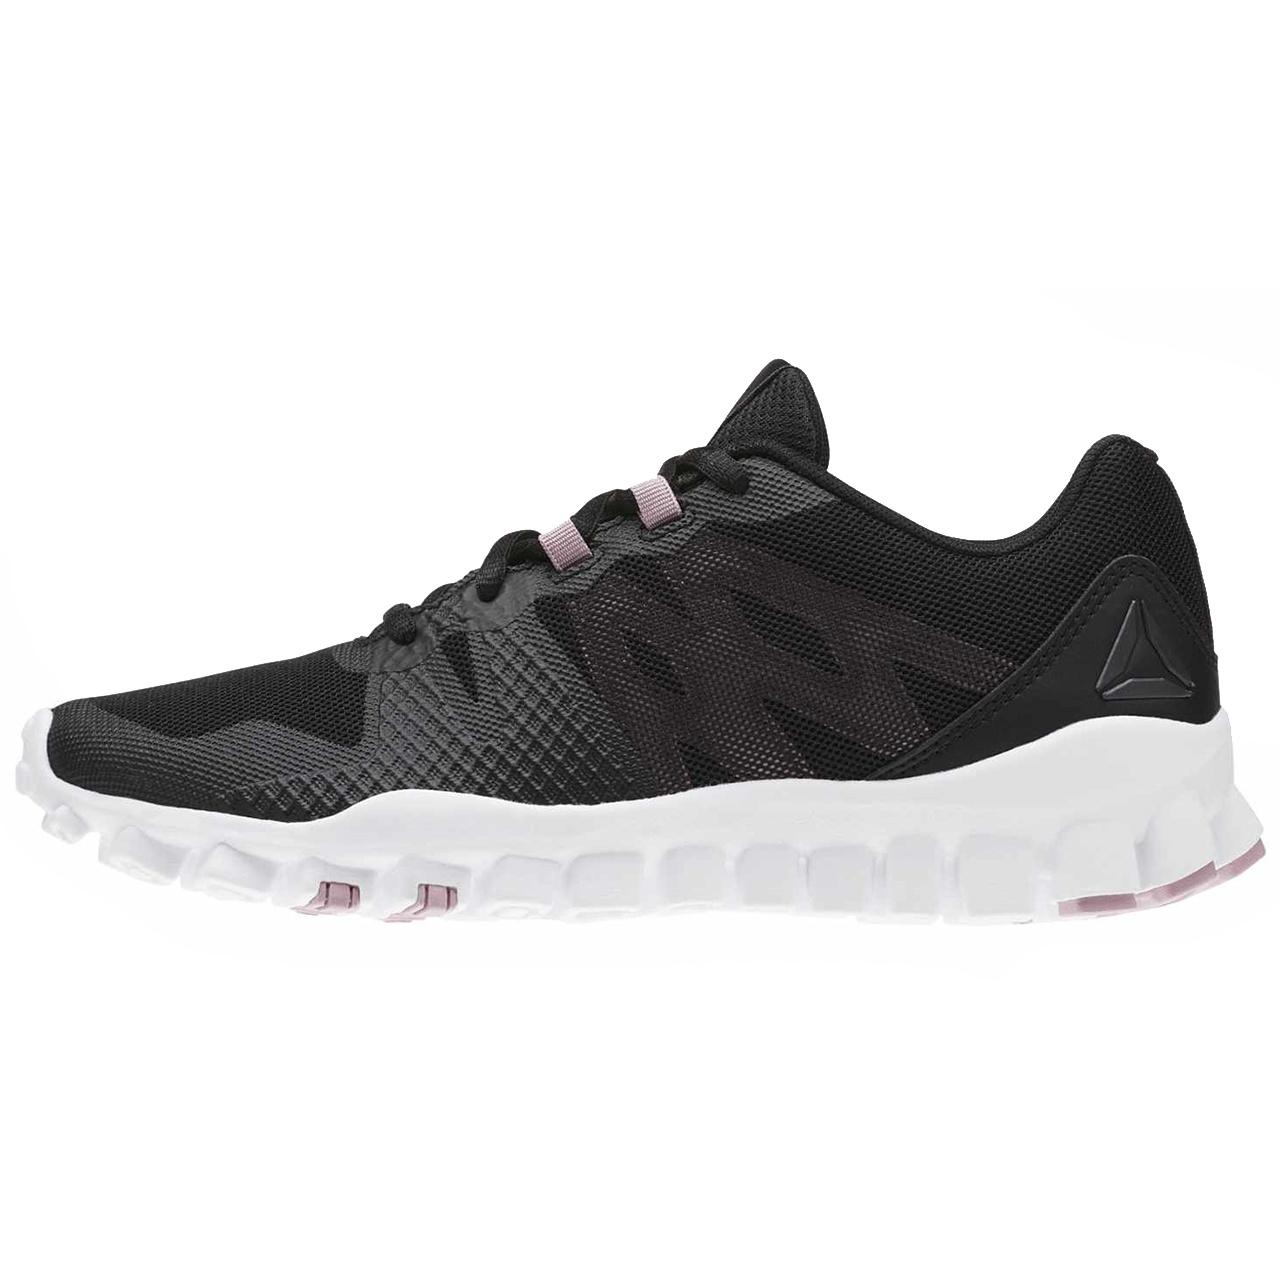 کفش مخصوص دویدن زنانه ریباک مدل REALFLEX TRAIN 5.0 - CN5643